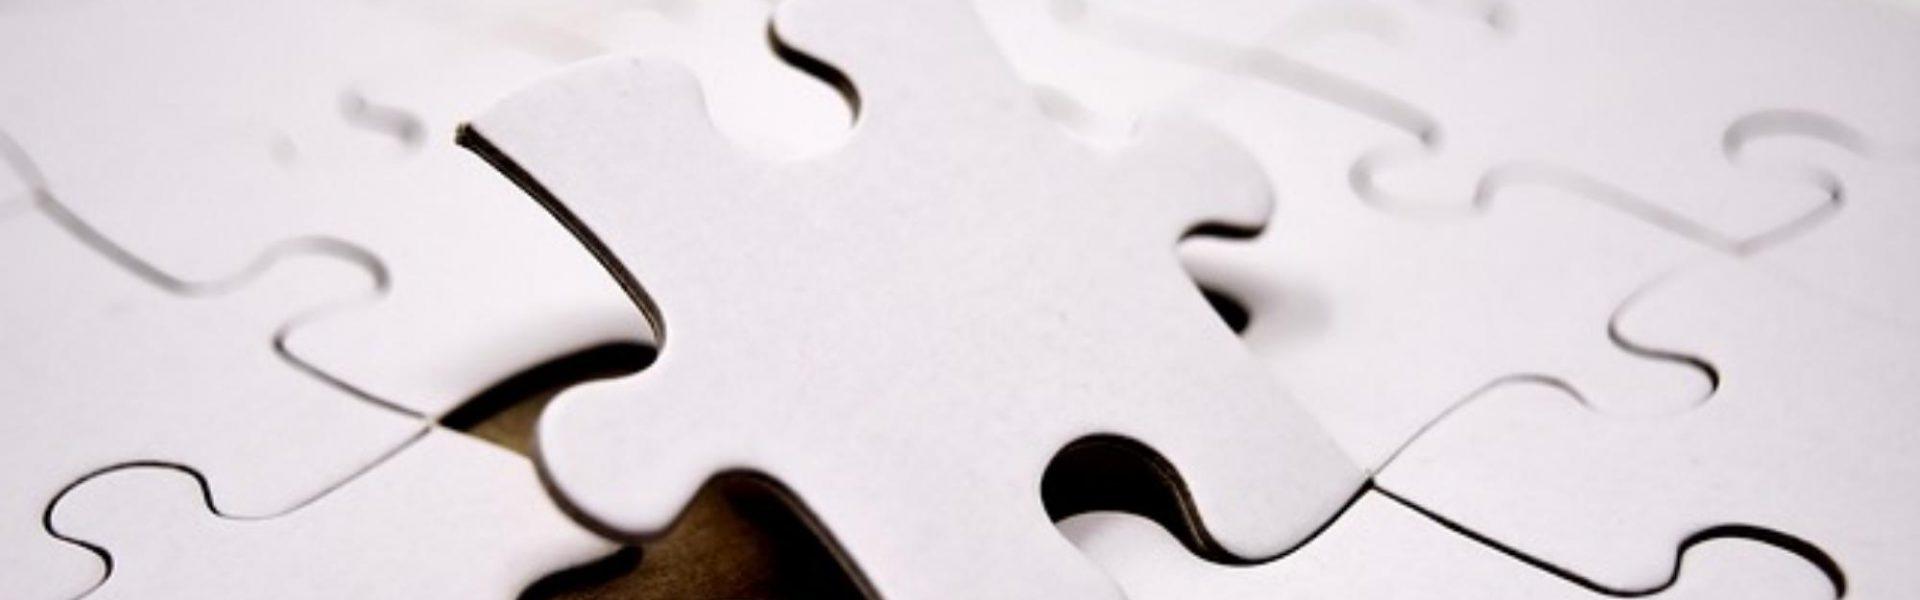 Dlaczego warto kupić dzieciom puzzle